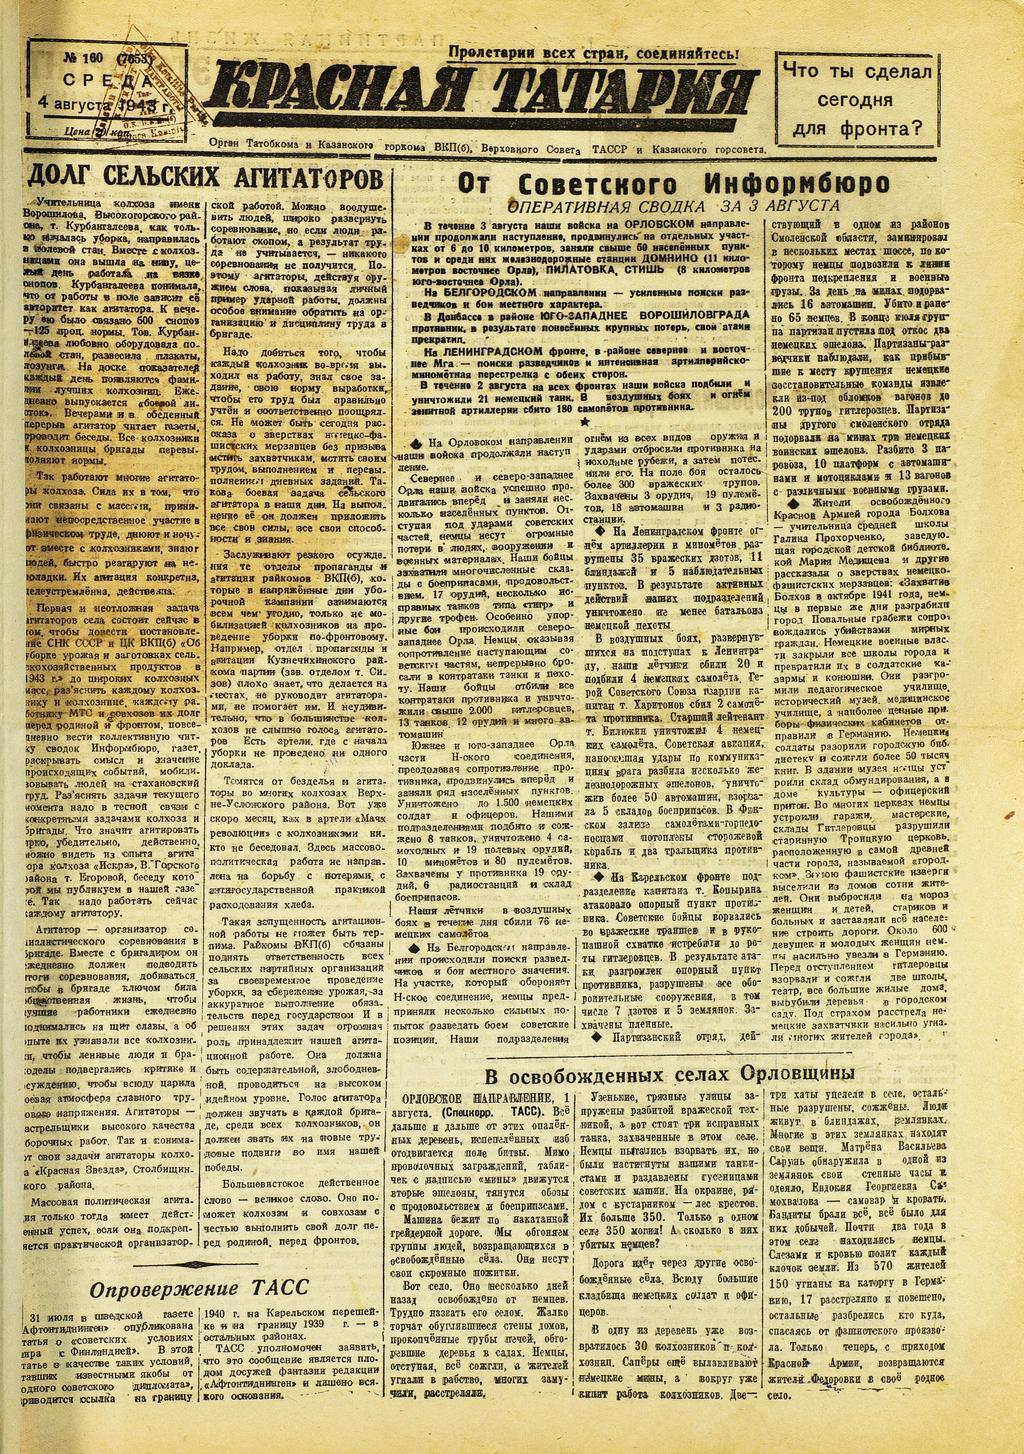 Газета «Красная Татария». 4 августа 1943 года (№160)  от 4 августа л1 ©Tatfrontu.ru Photo Archive